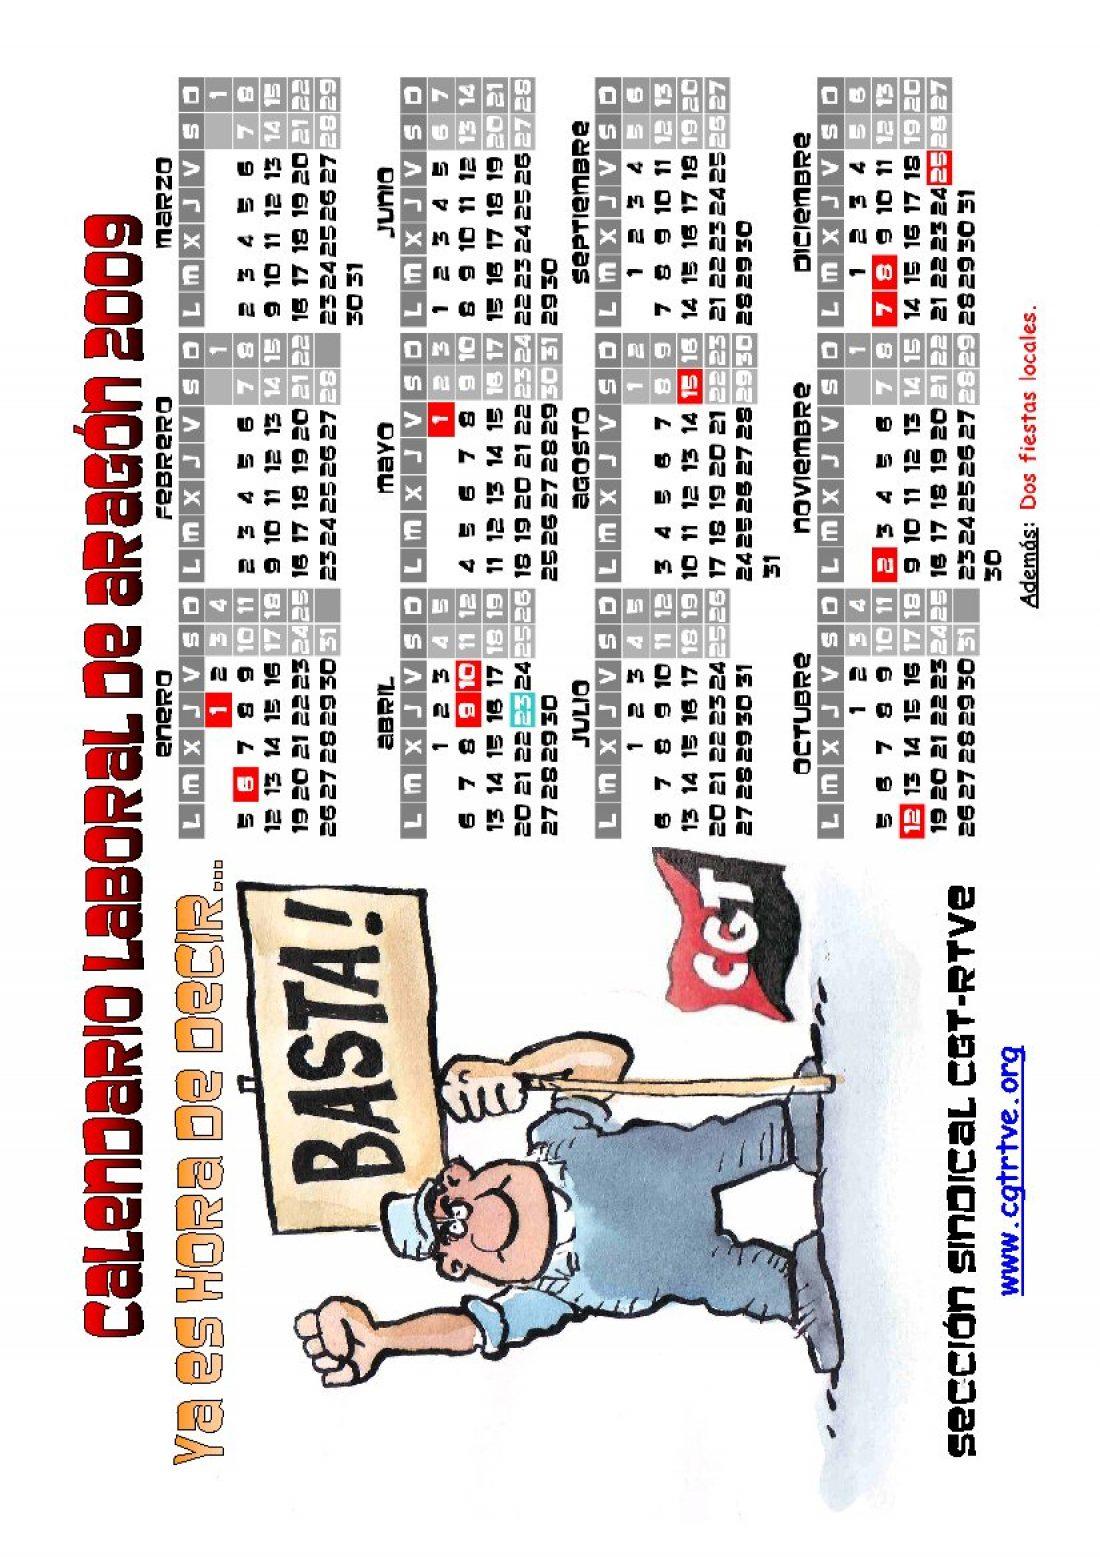 PDF cegetero del calendario laboral 2009 de Aragón